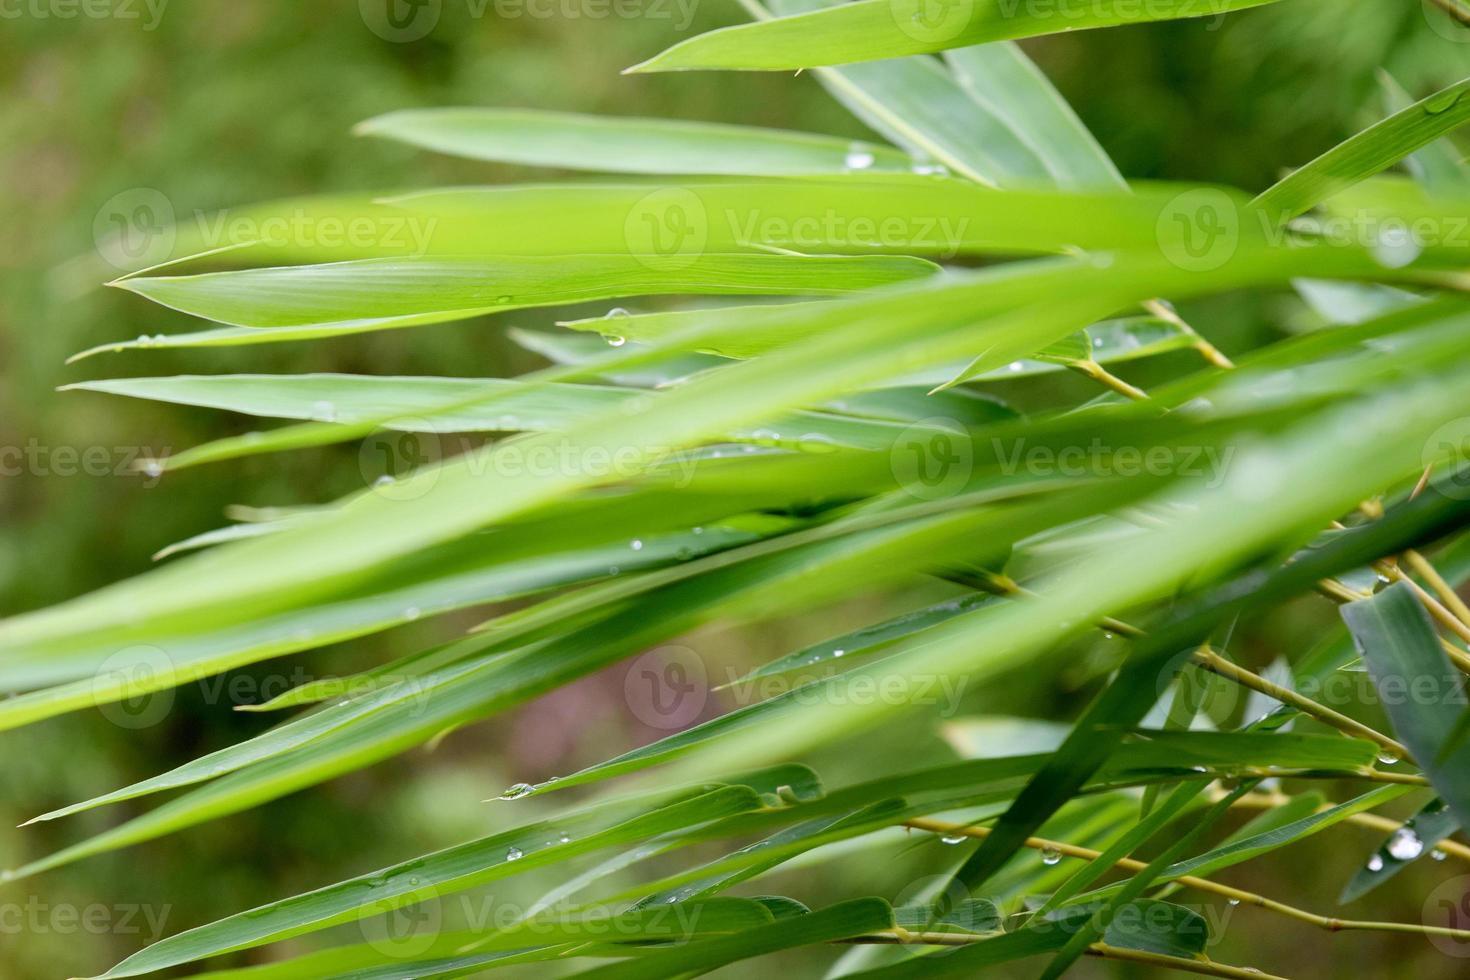 schöner grüner Bambusblätterhintergrund (unscharfer vorderer Fokus) foto